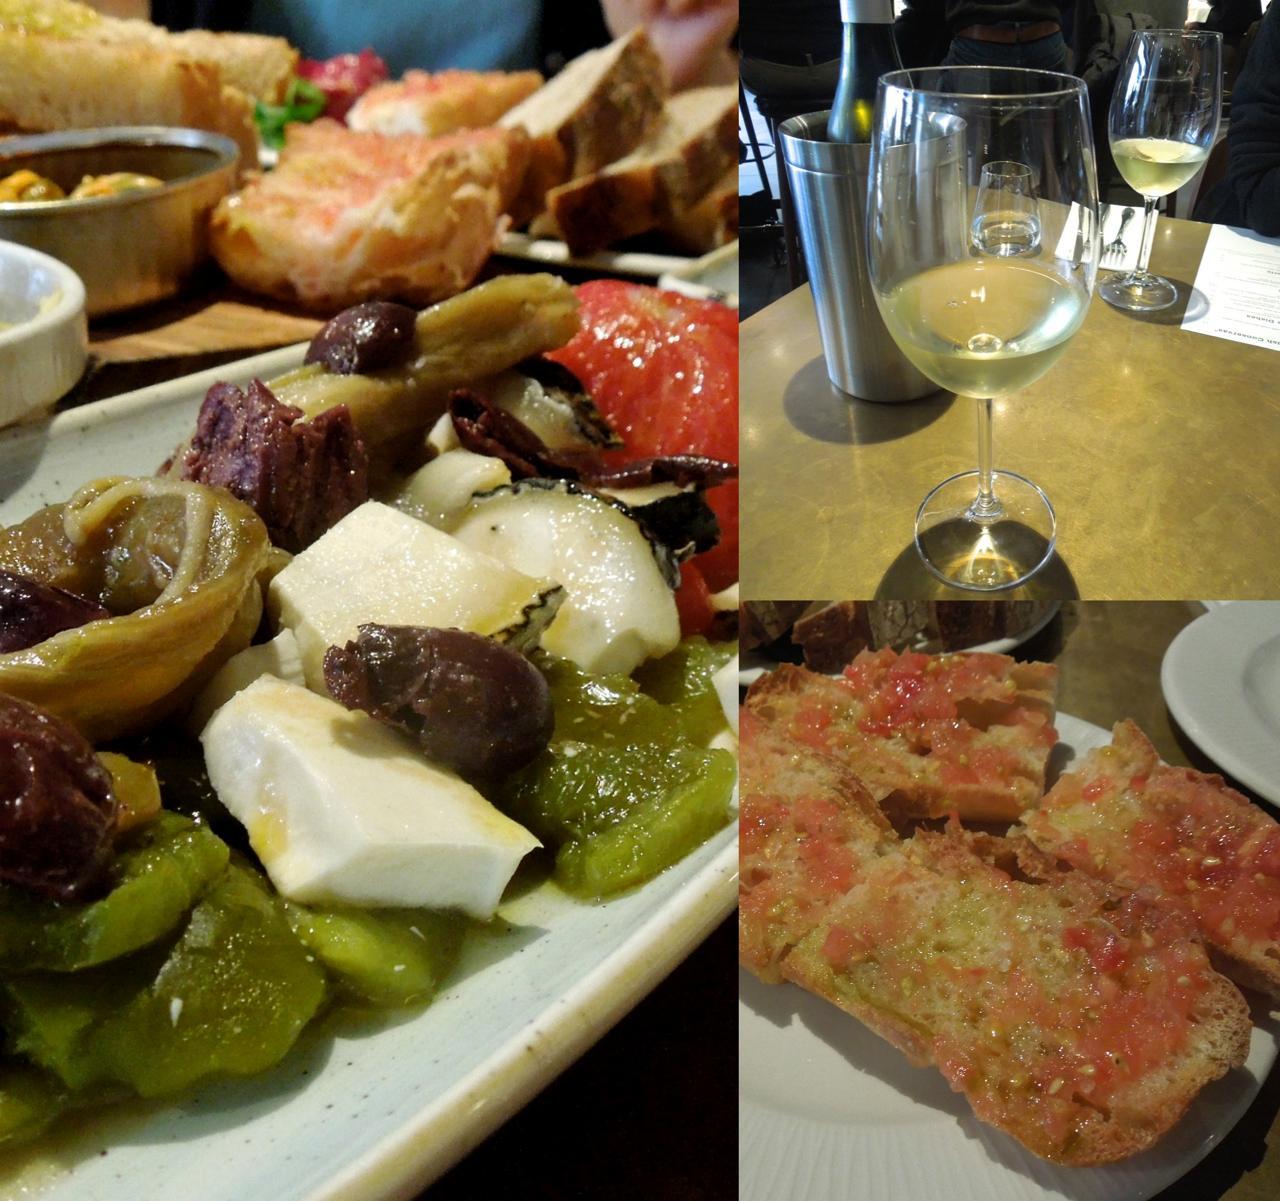 丁寧に仕上げられたグリル野菜はオリーブとチーズをアクセントにして。パン・コン・トマトも伝統の味☆